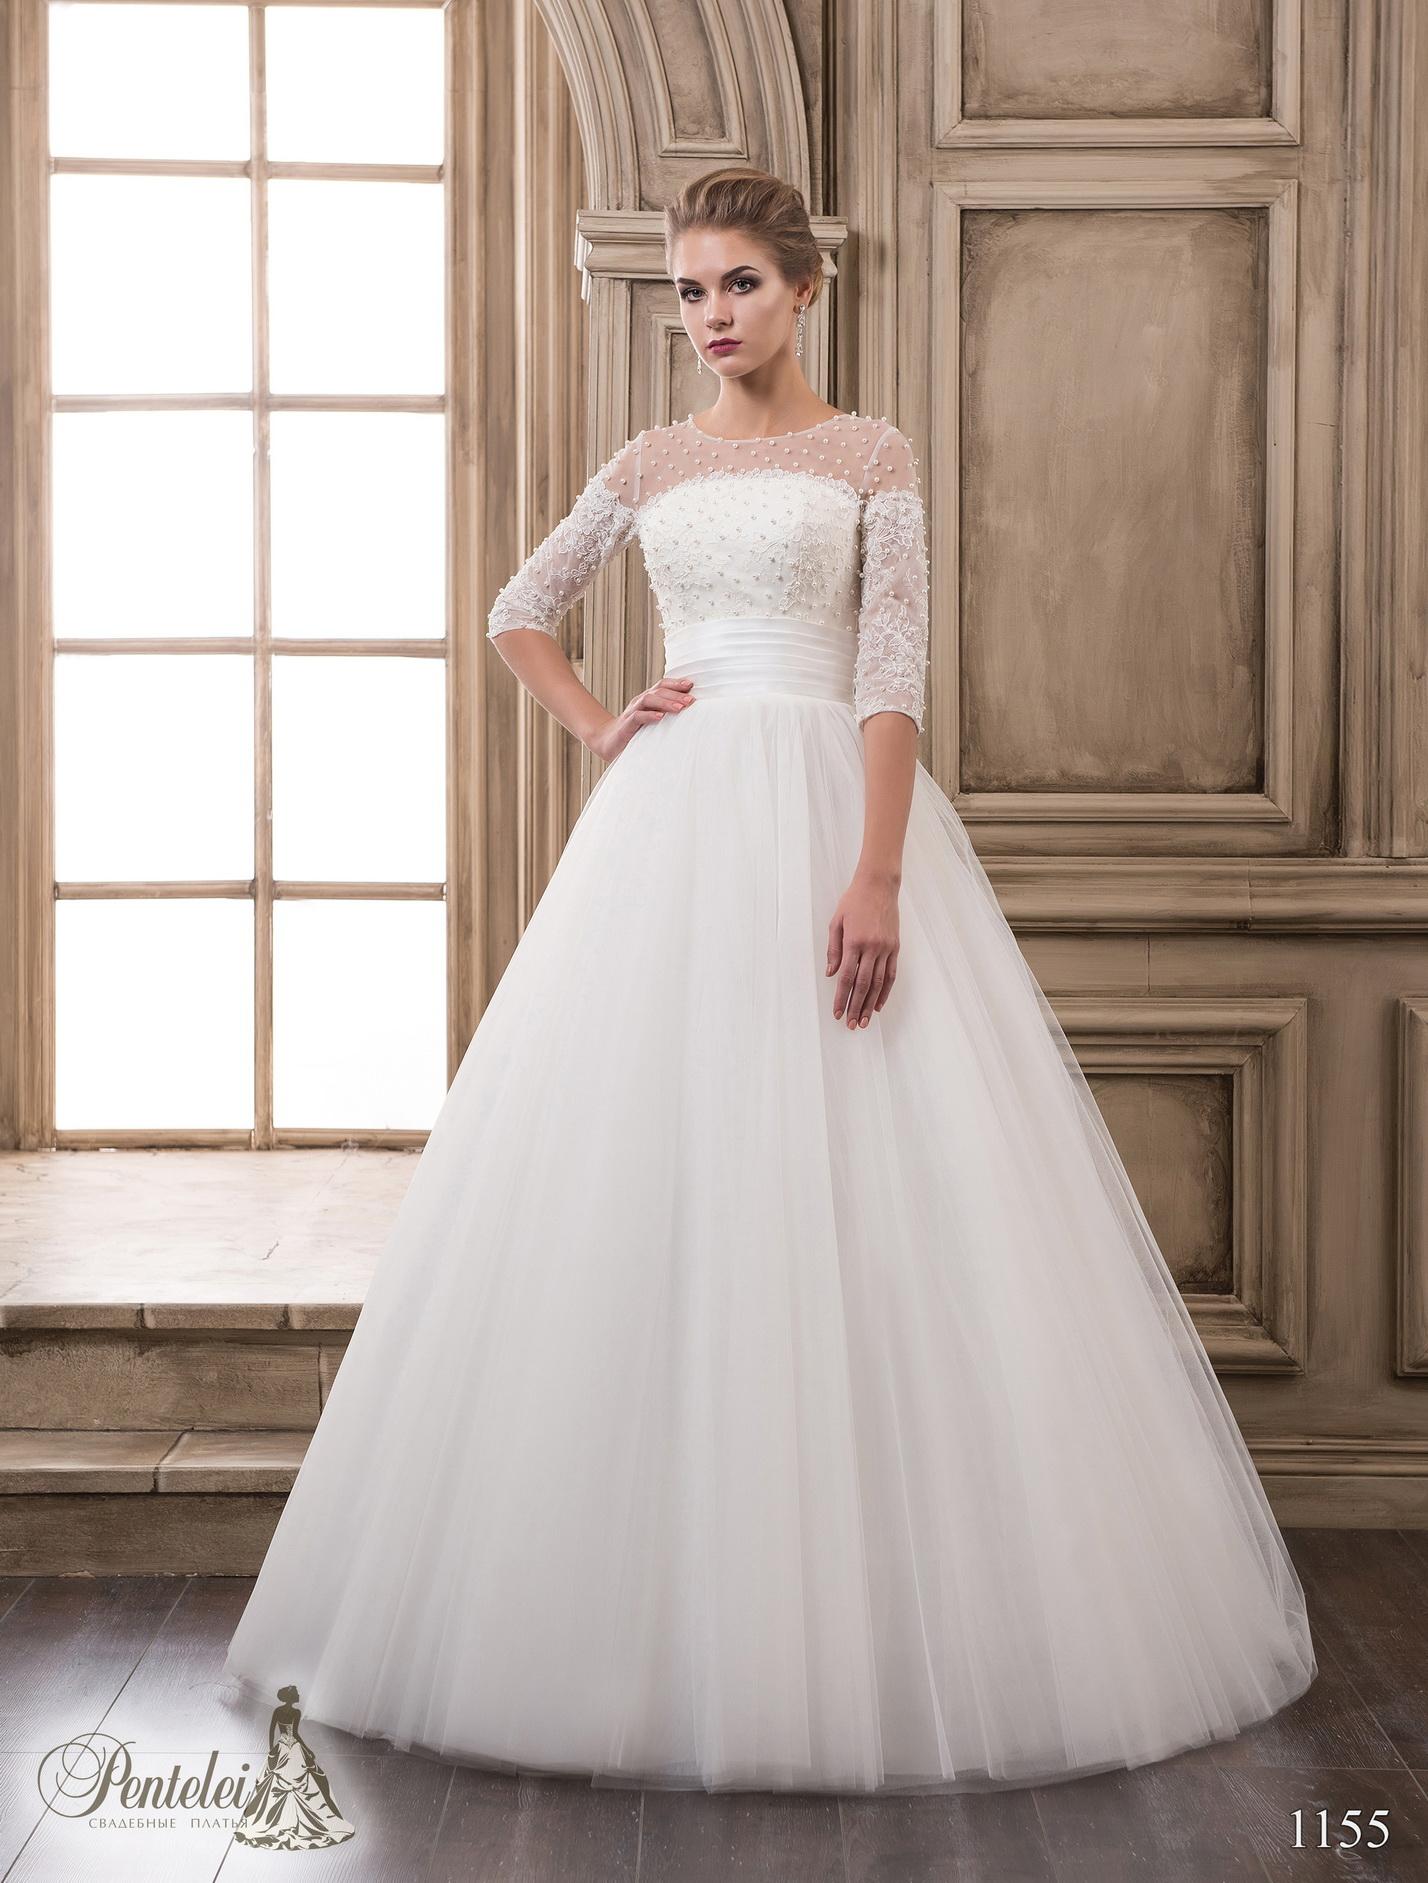 1155 | Купить свадебные платья оптом от Pentelei